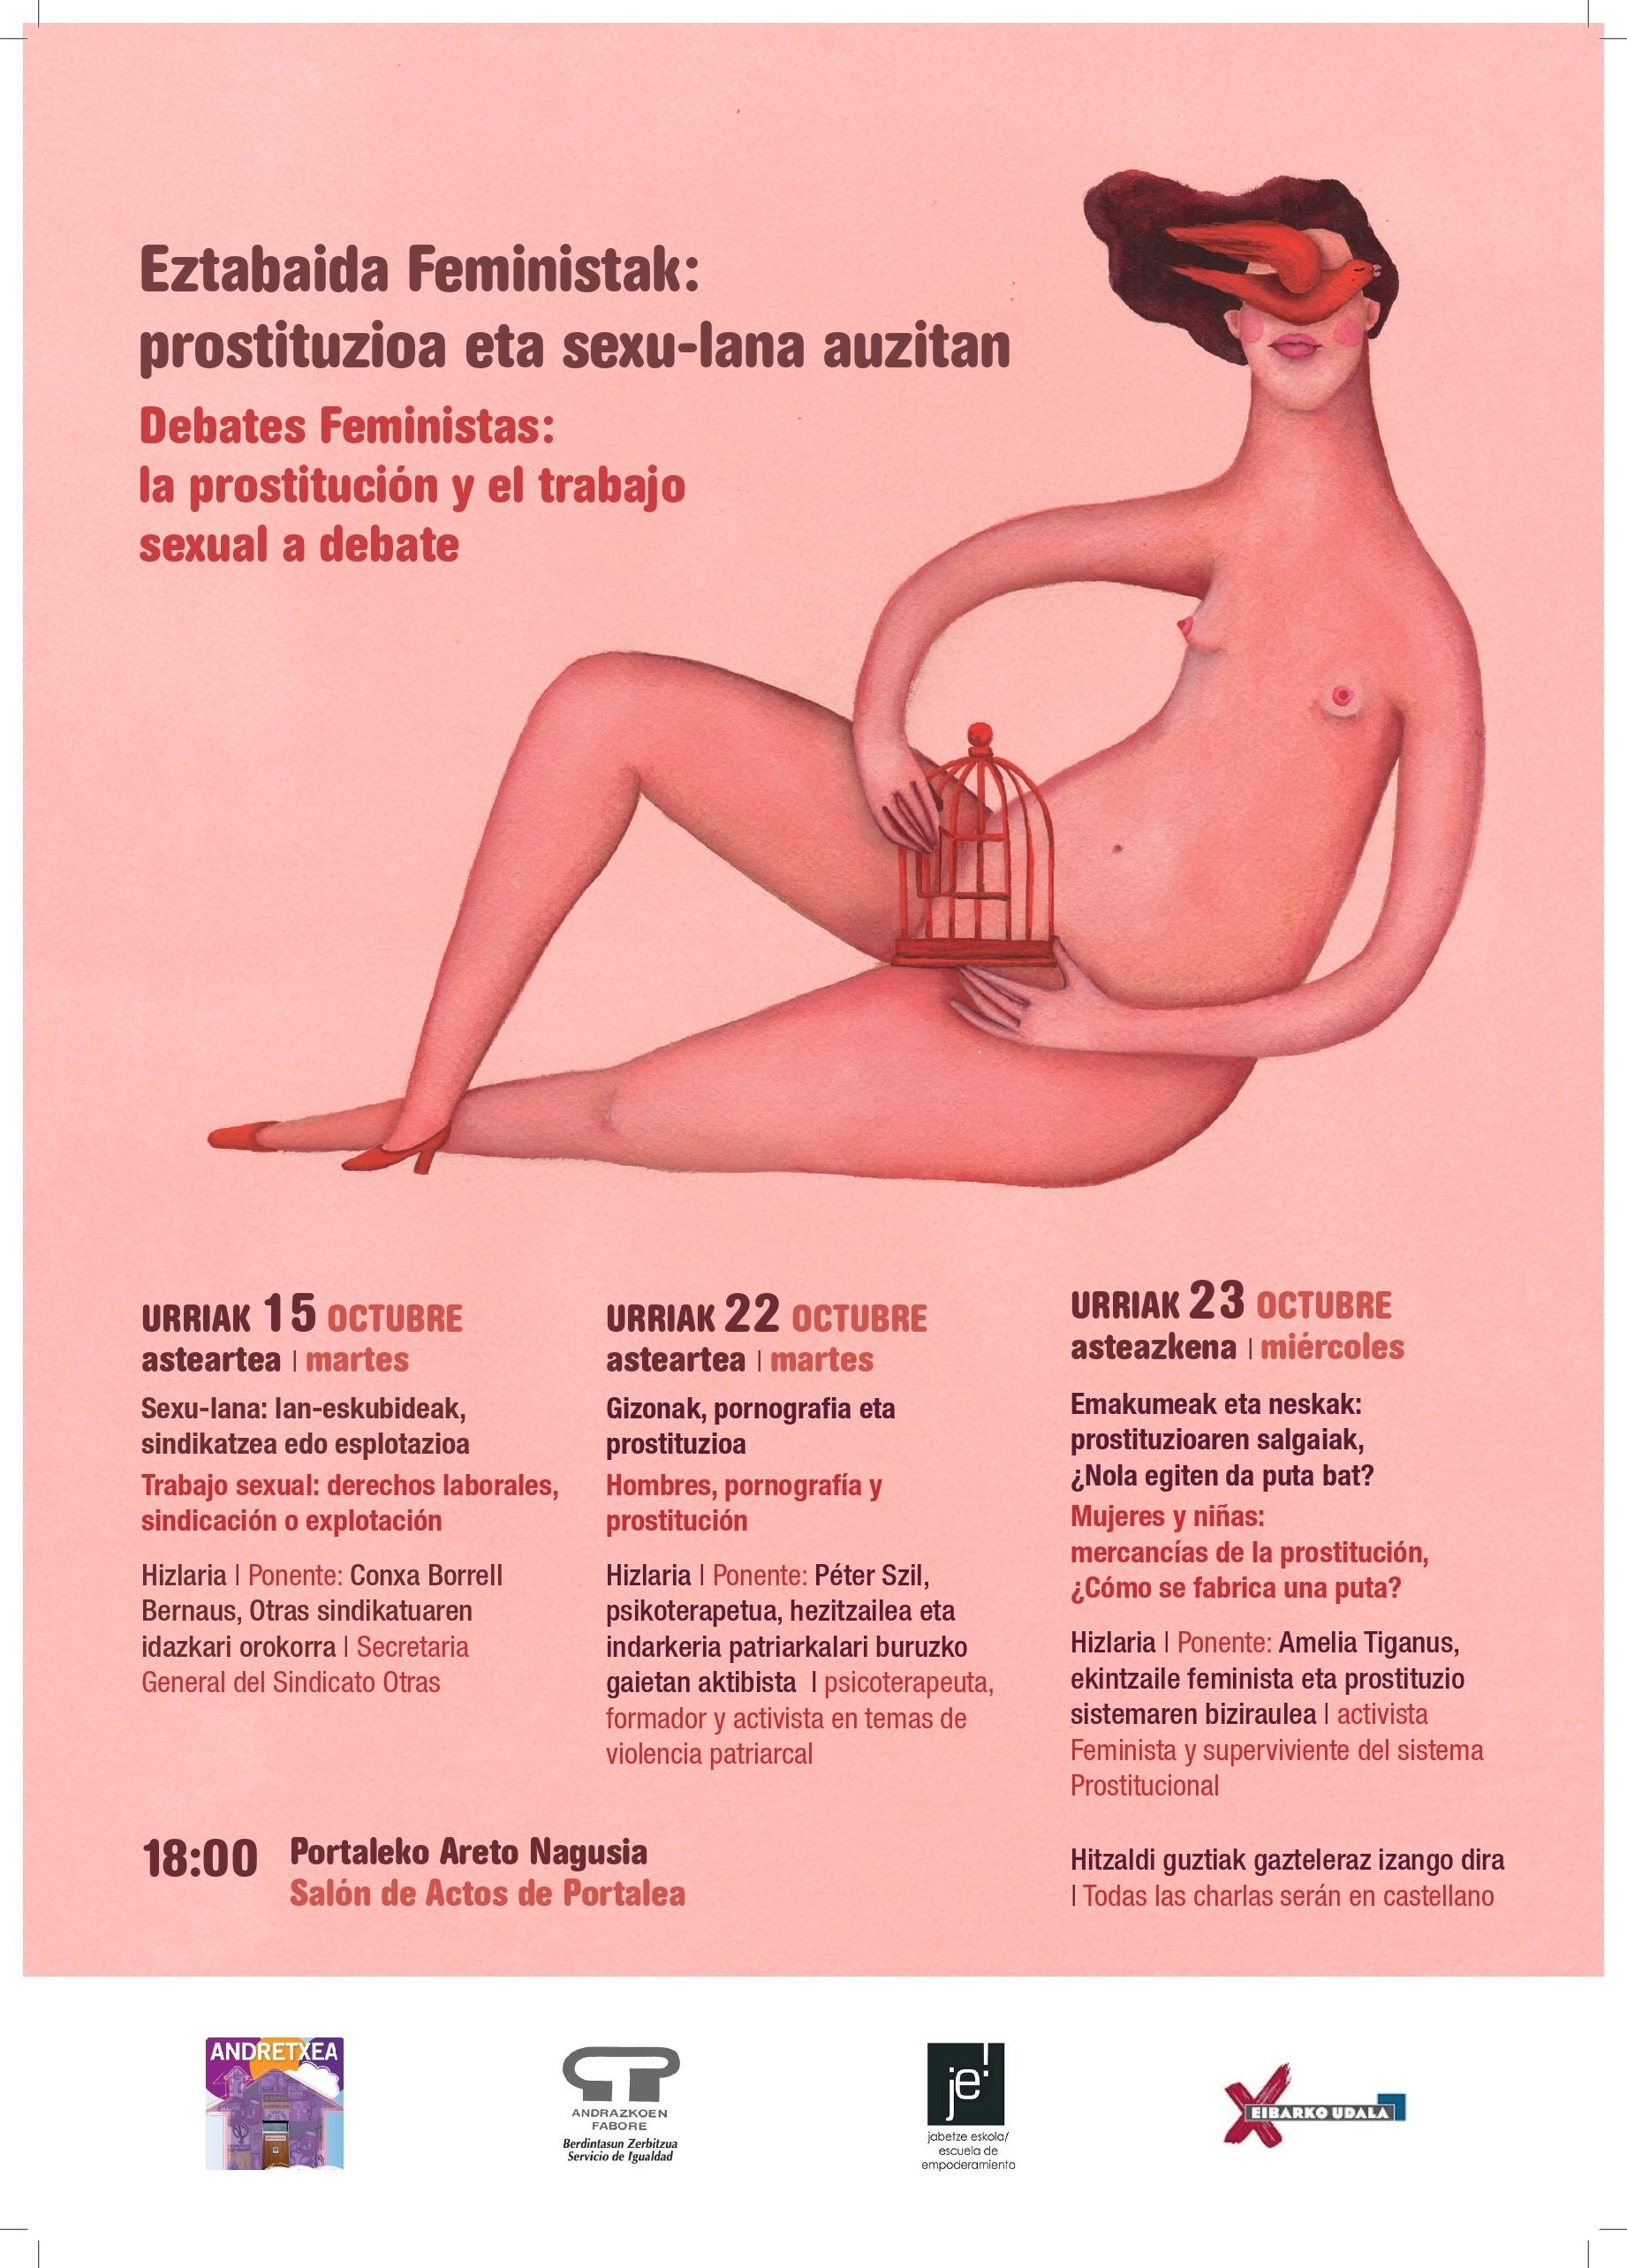 Eztabaida Feministak: prostituzioa eta sexu-lana auzitan. Gizonak, pornografia eta prostituzioa hitzaldia